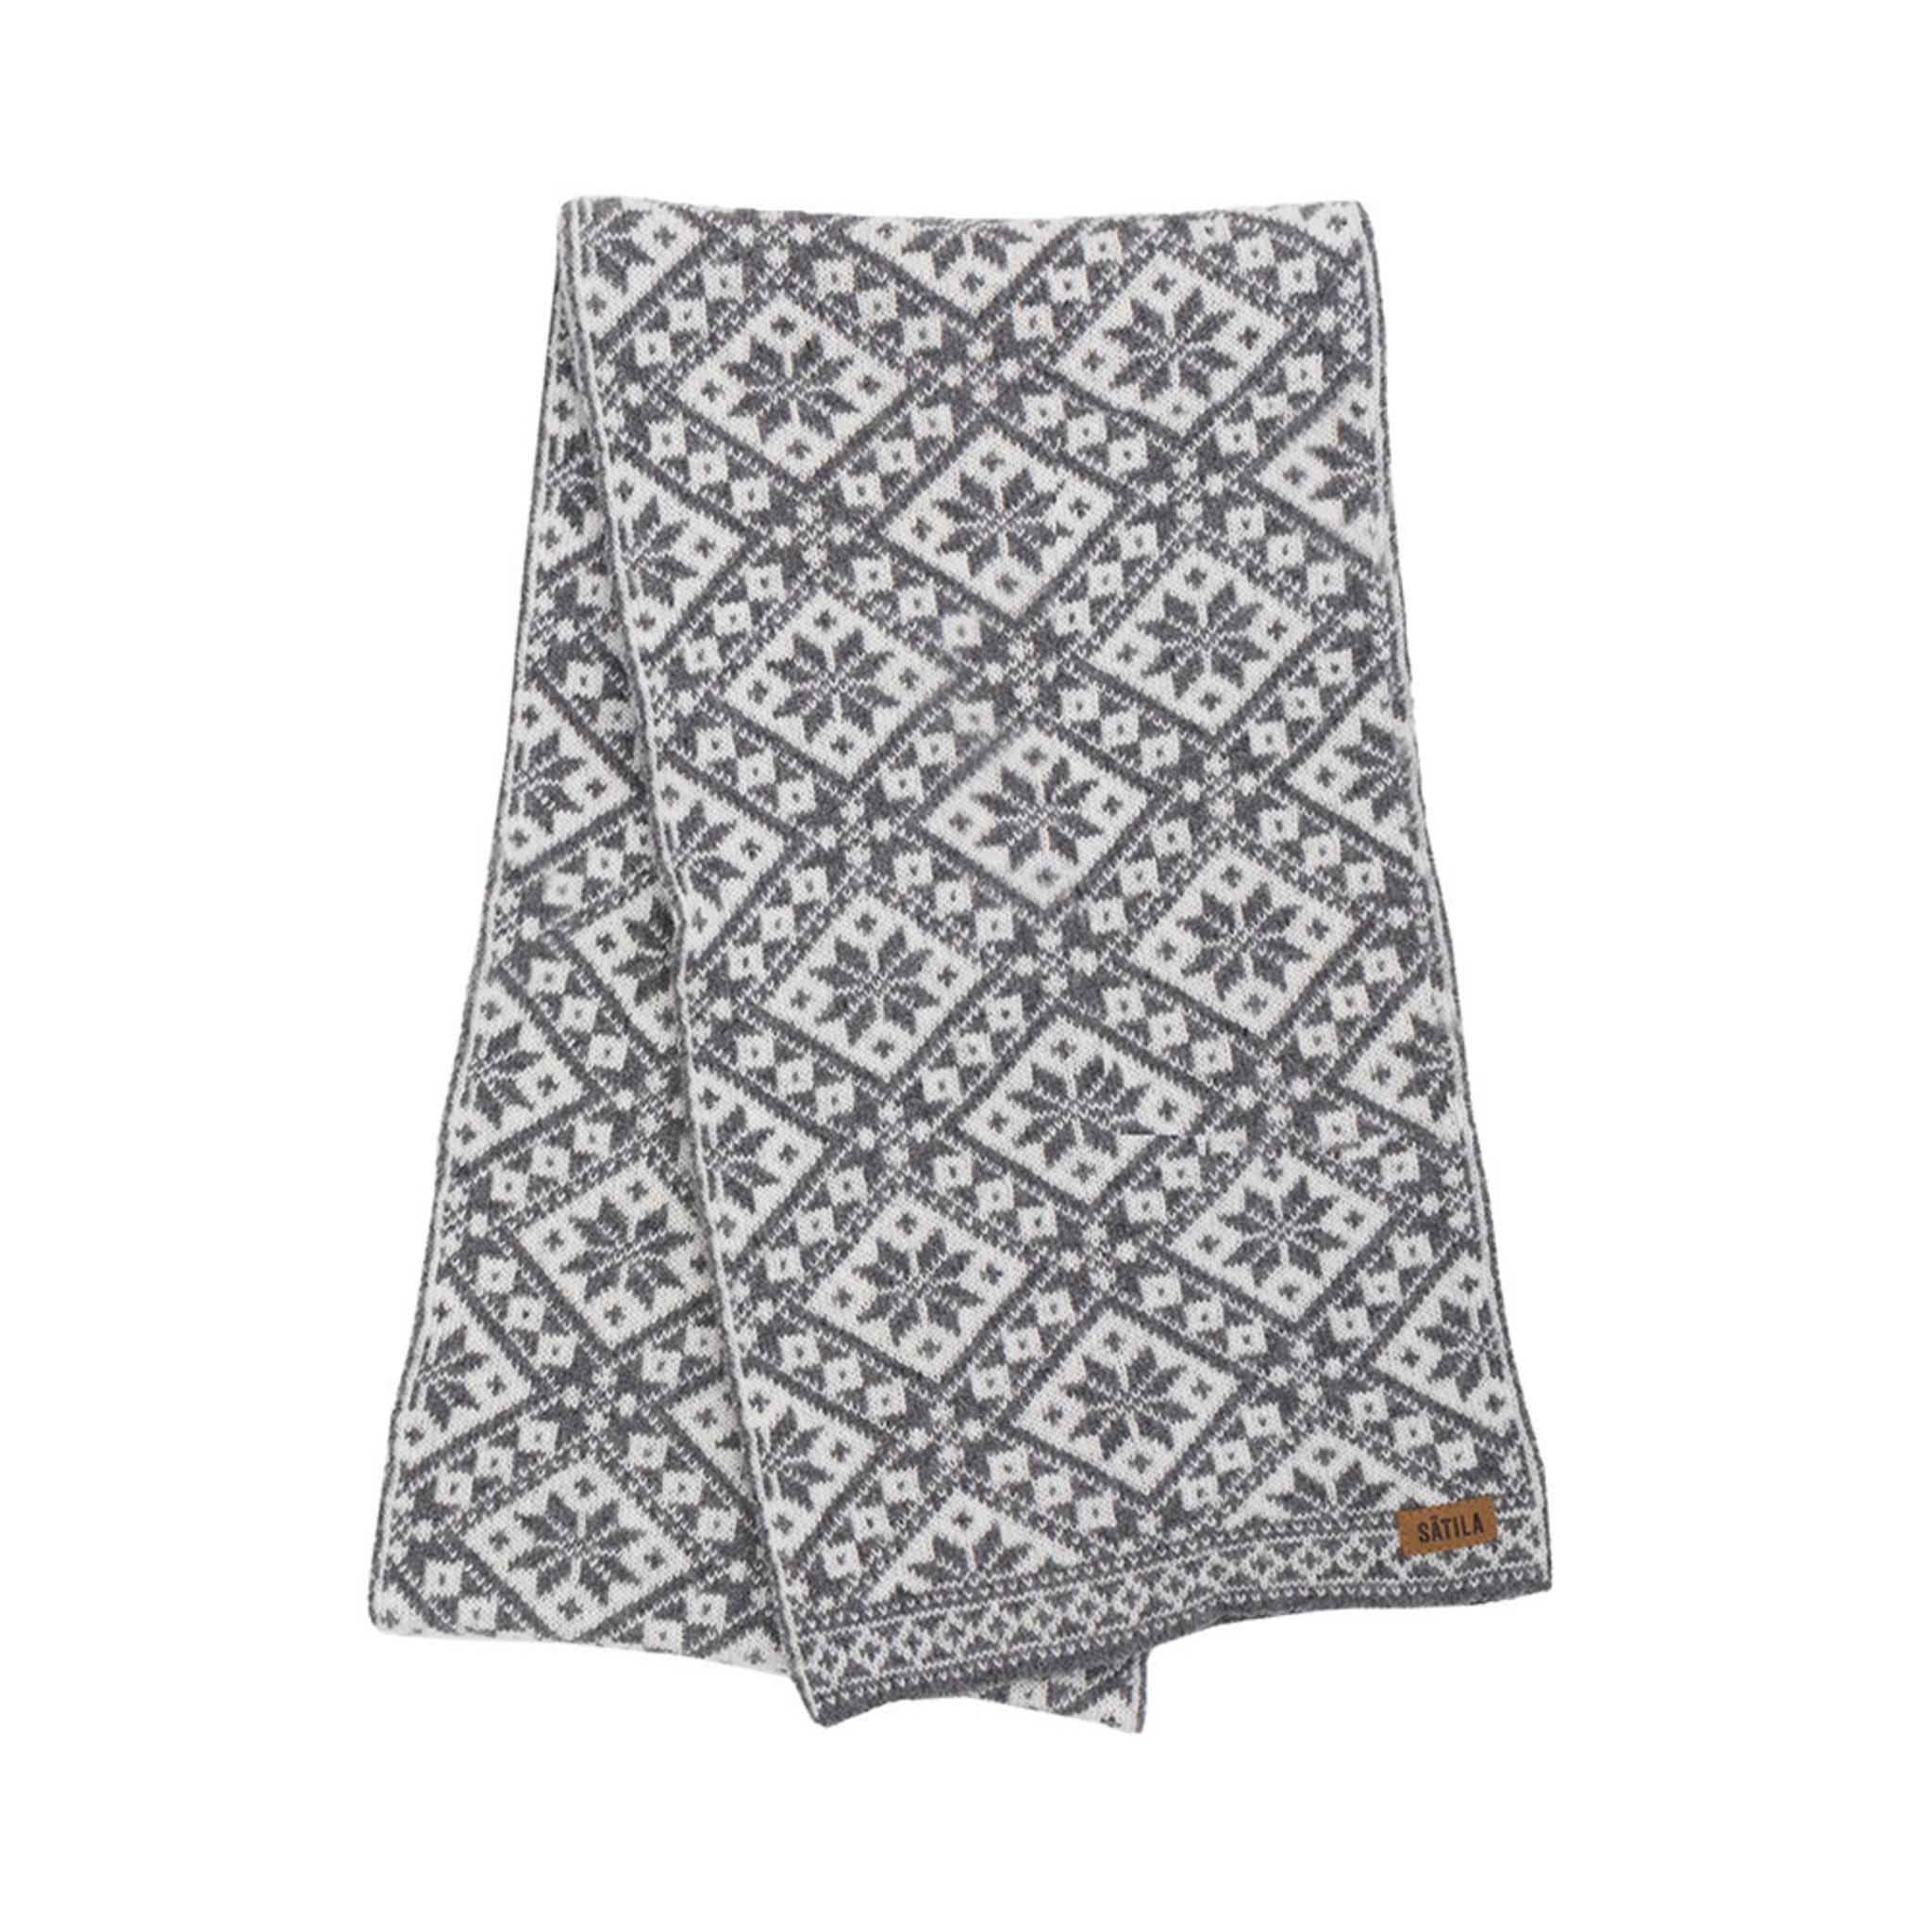 Scarf Grace - Halsdukar   scarves - Köp online på åhlens.se! 45bb4600ec8e8